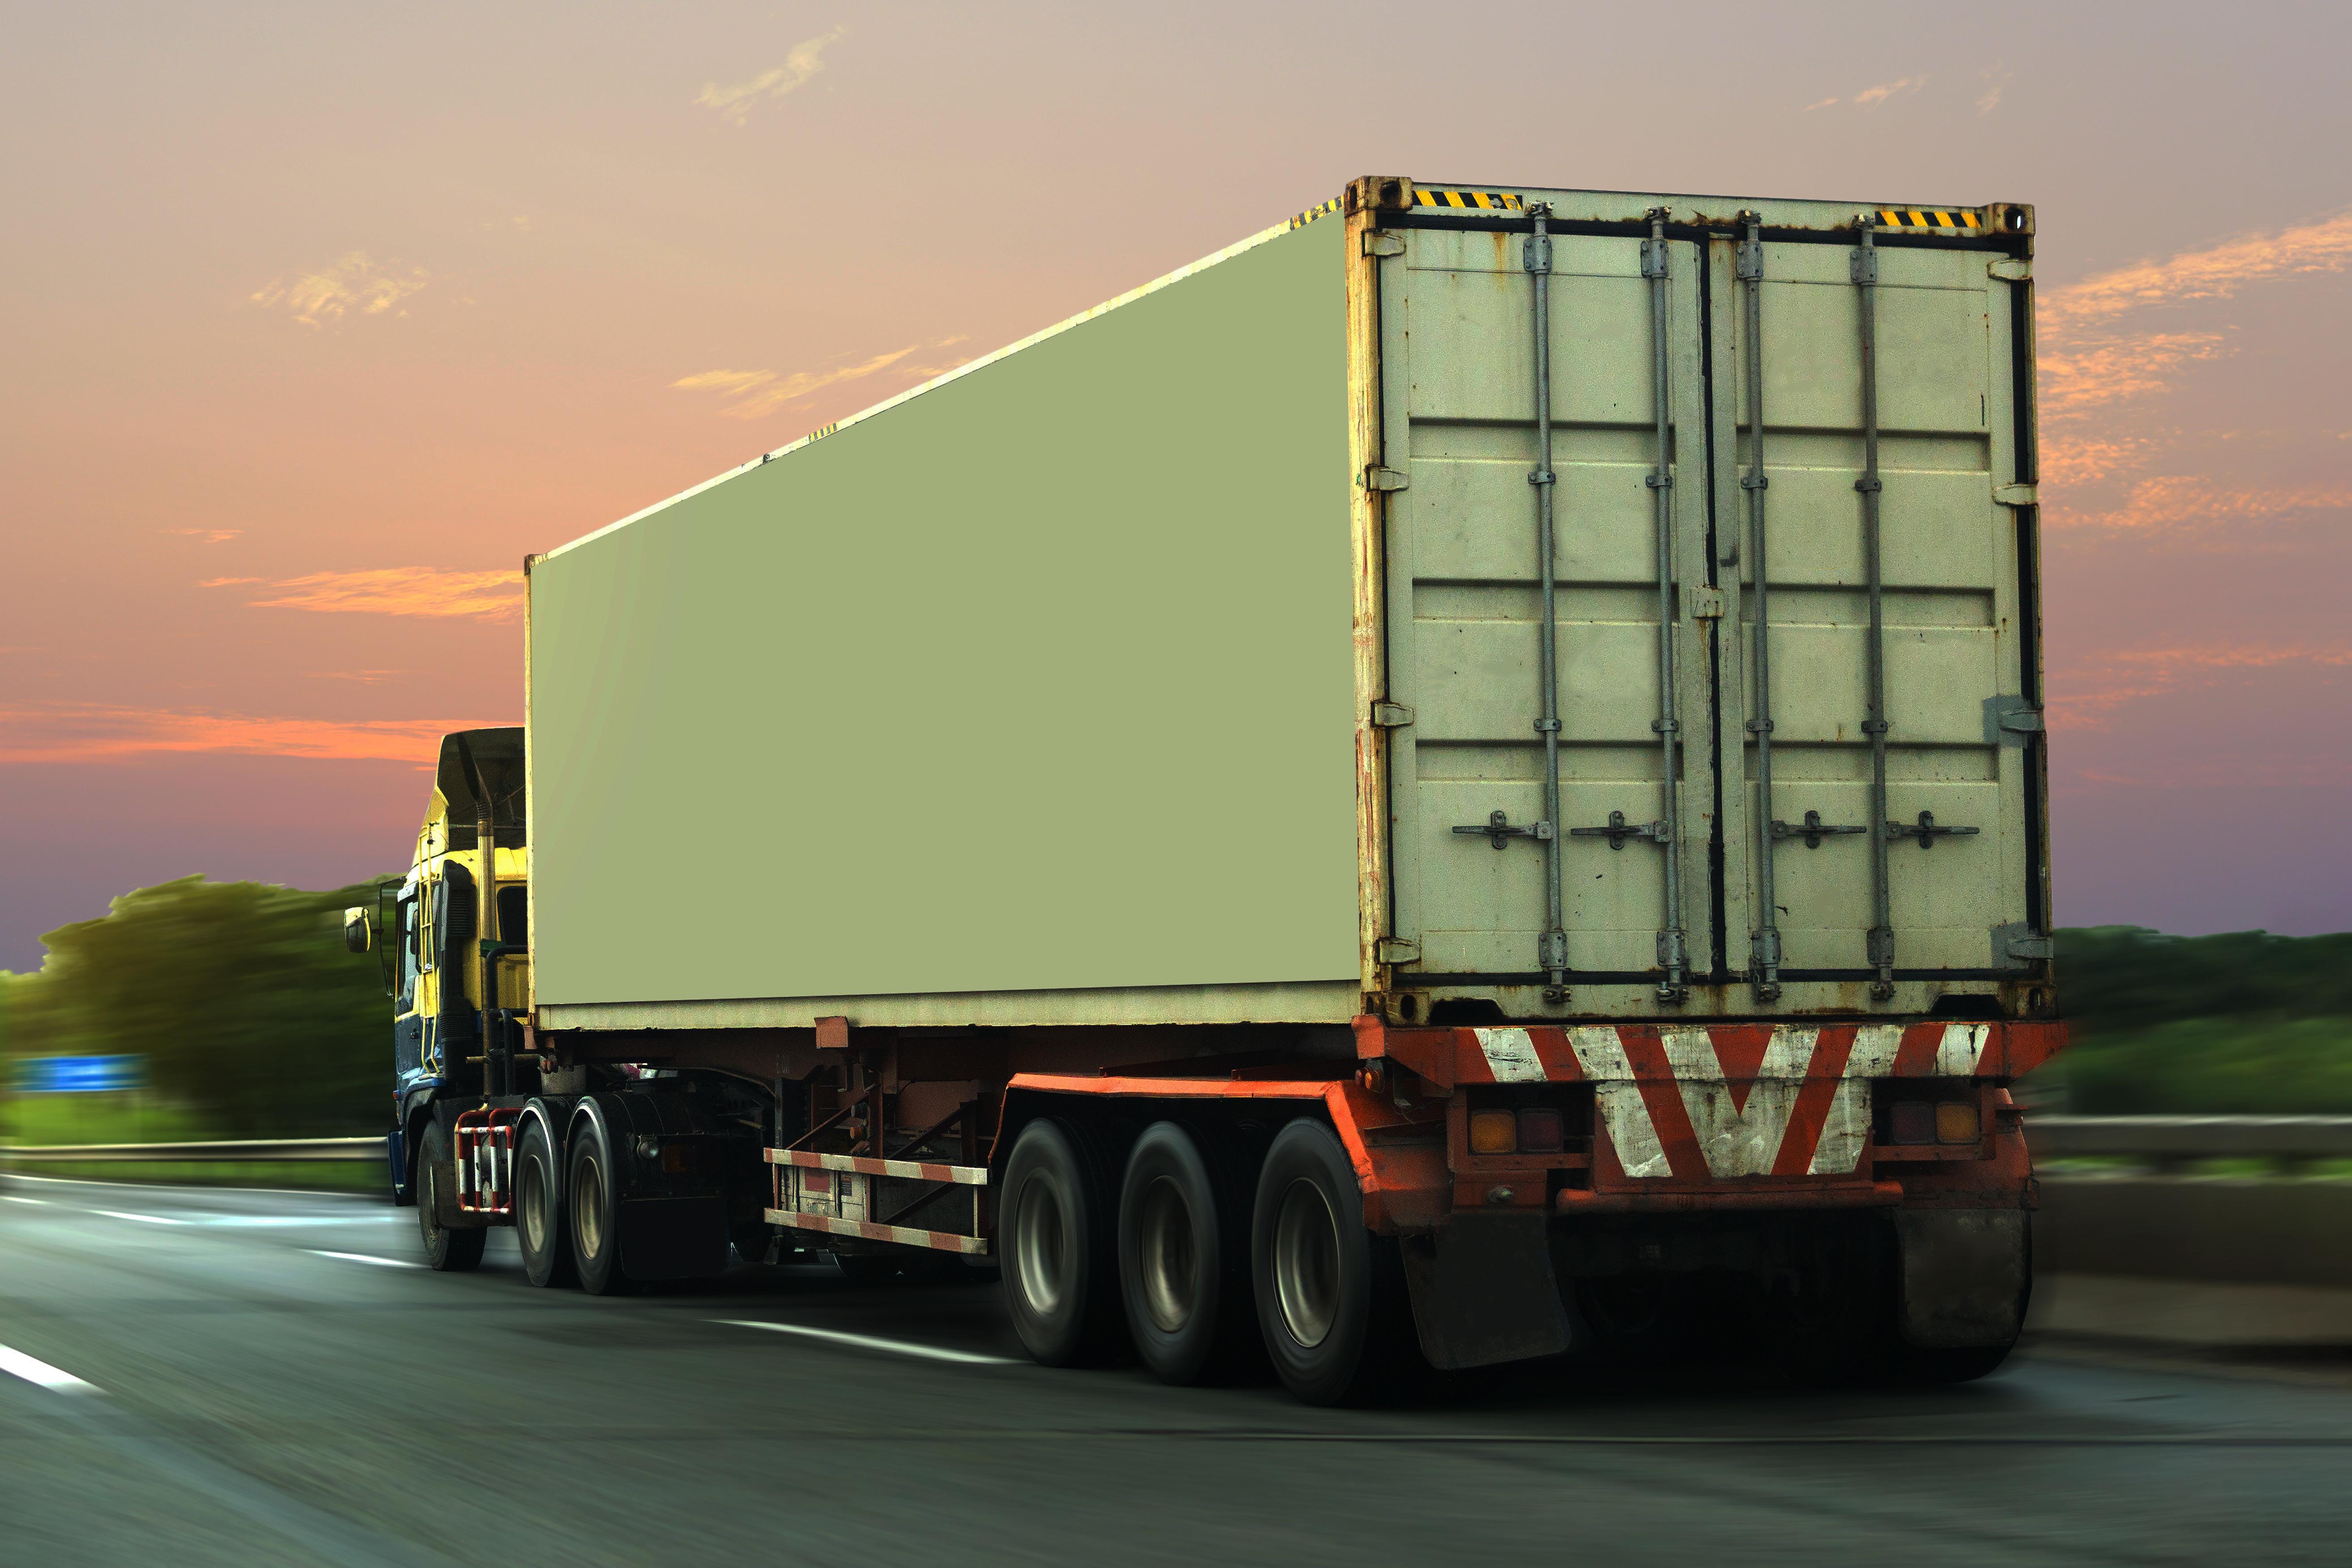 Спират тежкотоварни камиони по основни пътища в понеделник